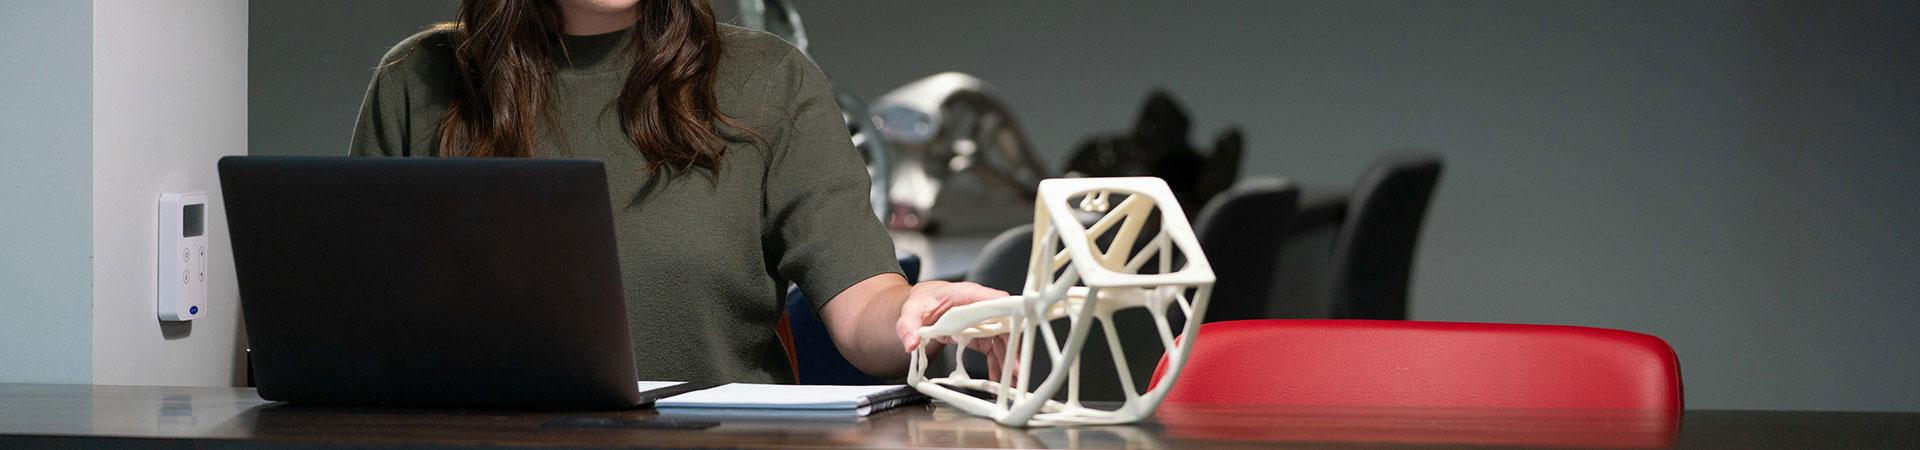 女子在电脑前触摸3D打印零件